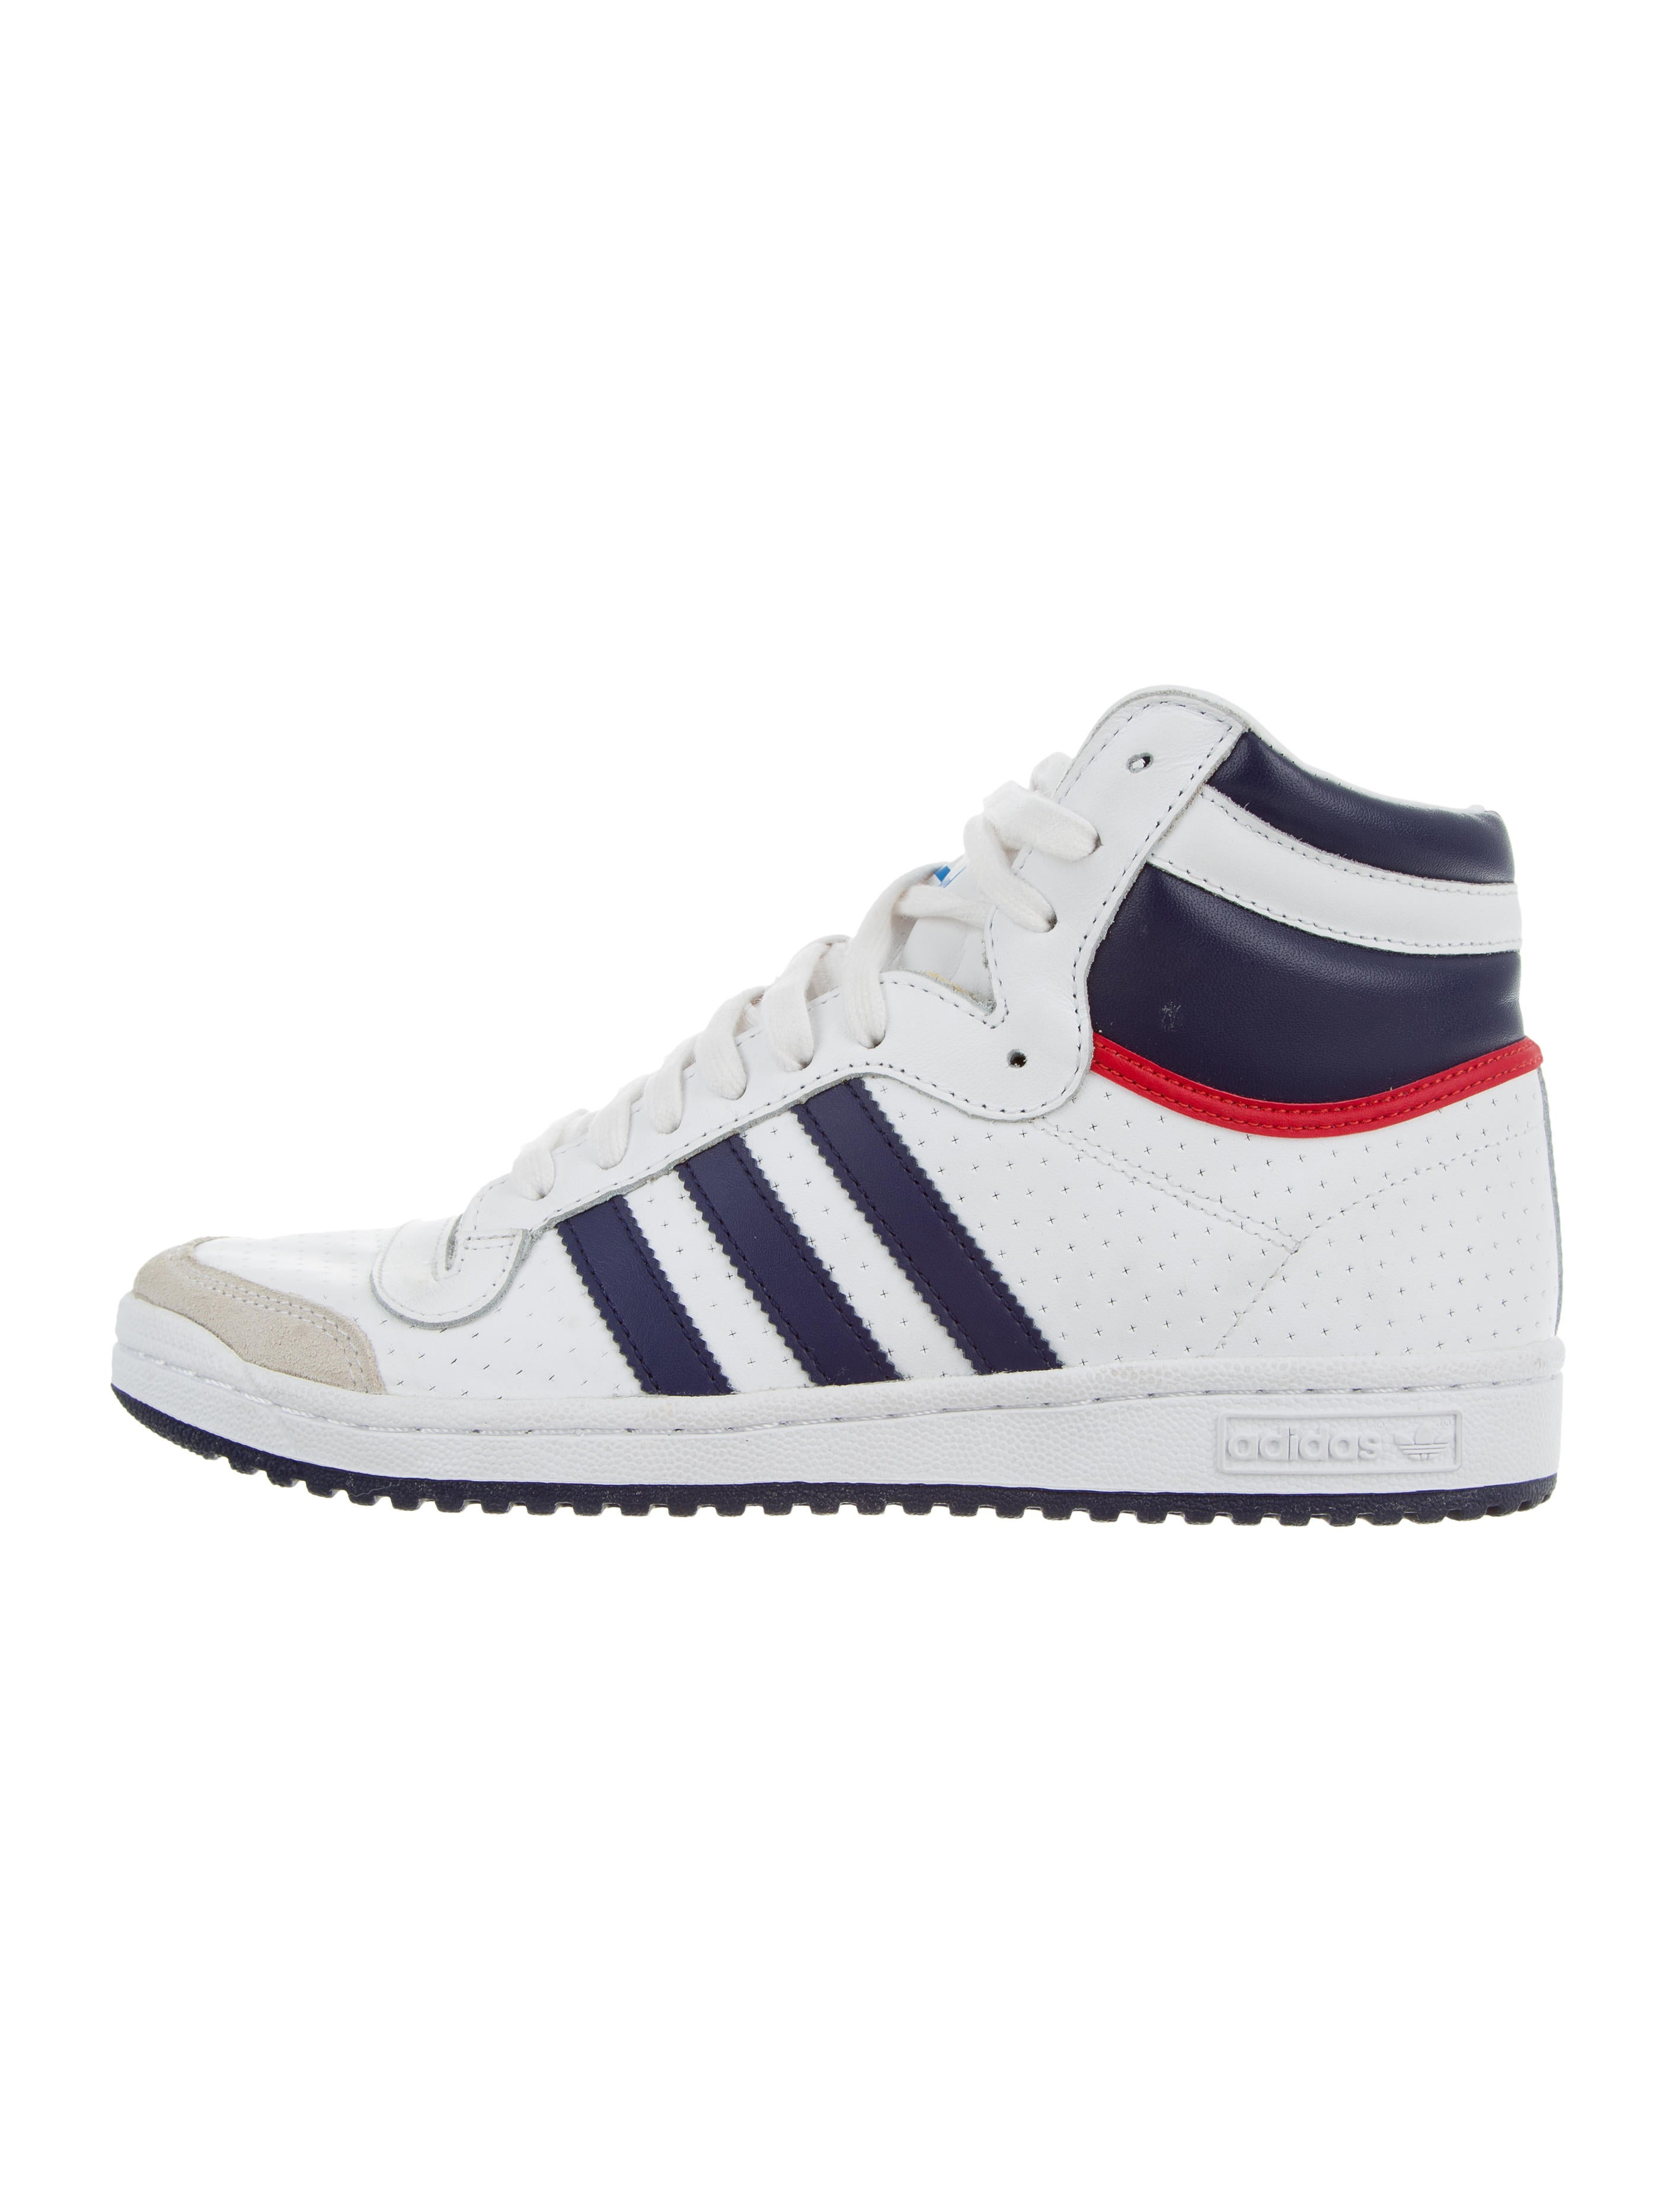 Adidas Top Ten Hi Winterized Shoes